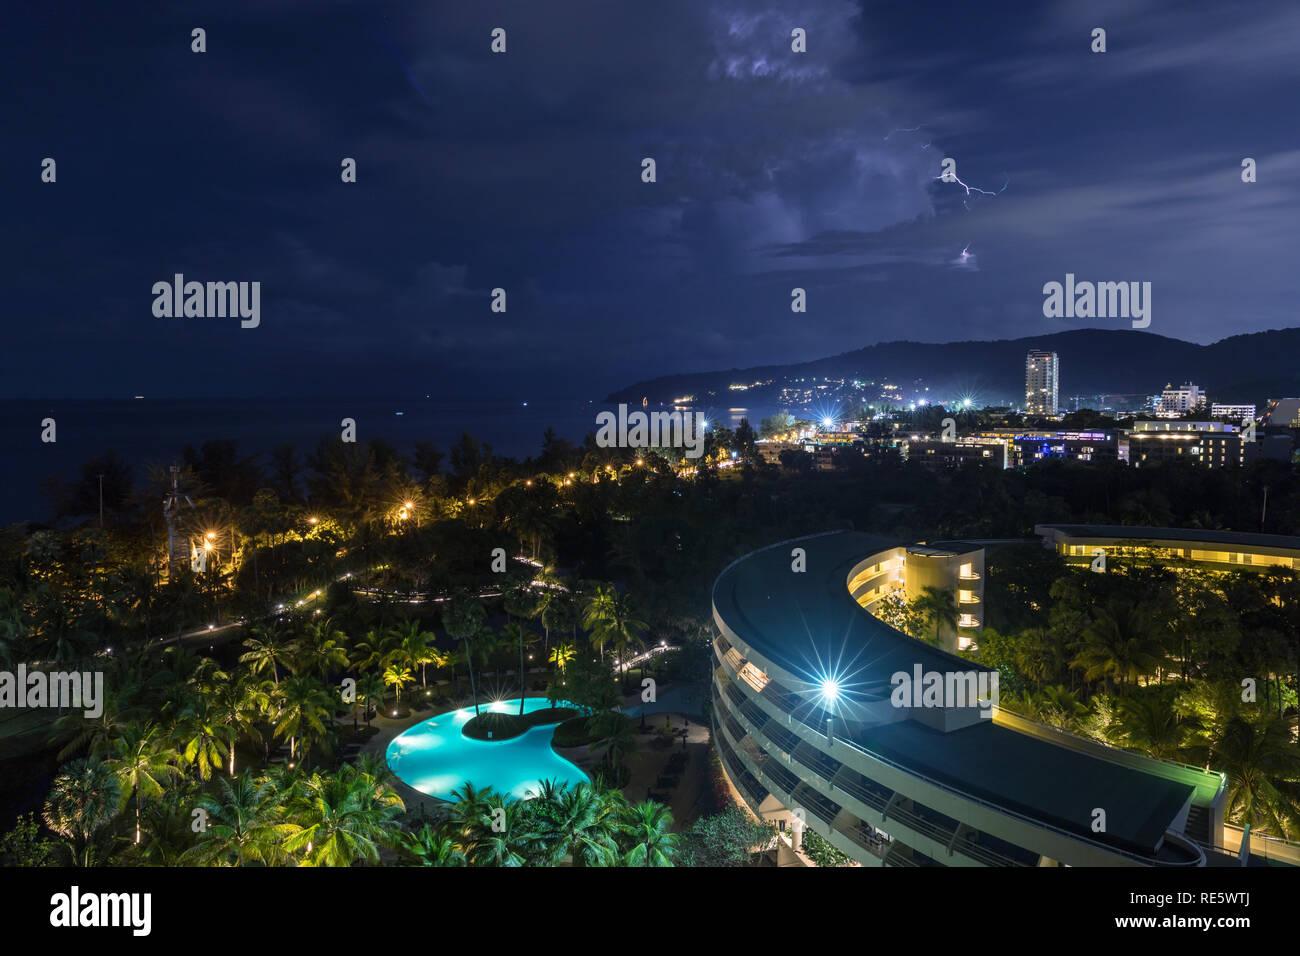 Tambon Karon hotel, Chang Wat Phuket, in Thailand - Stock Image